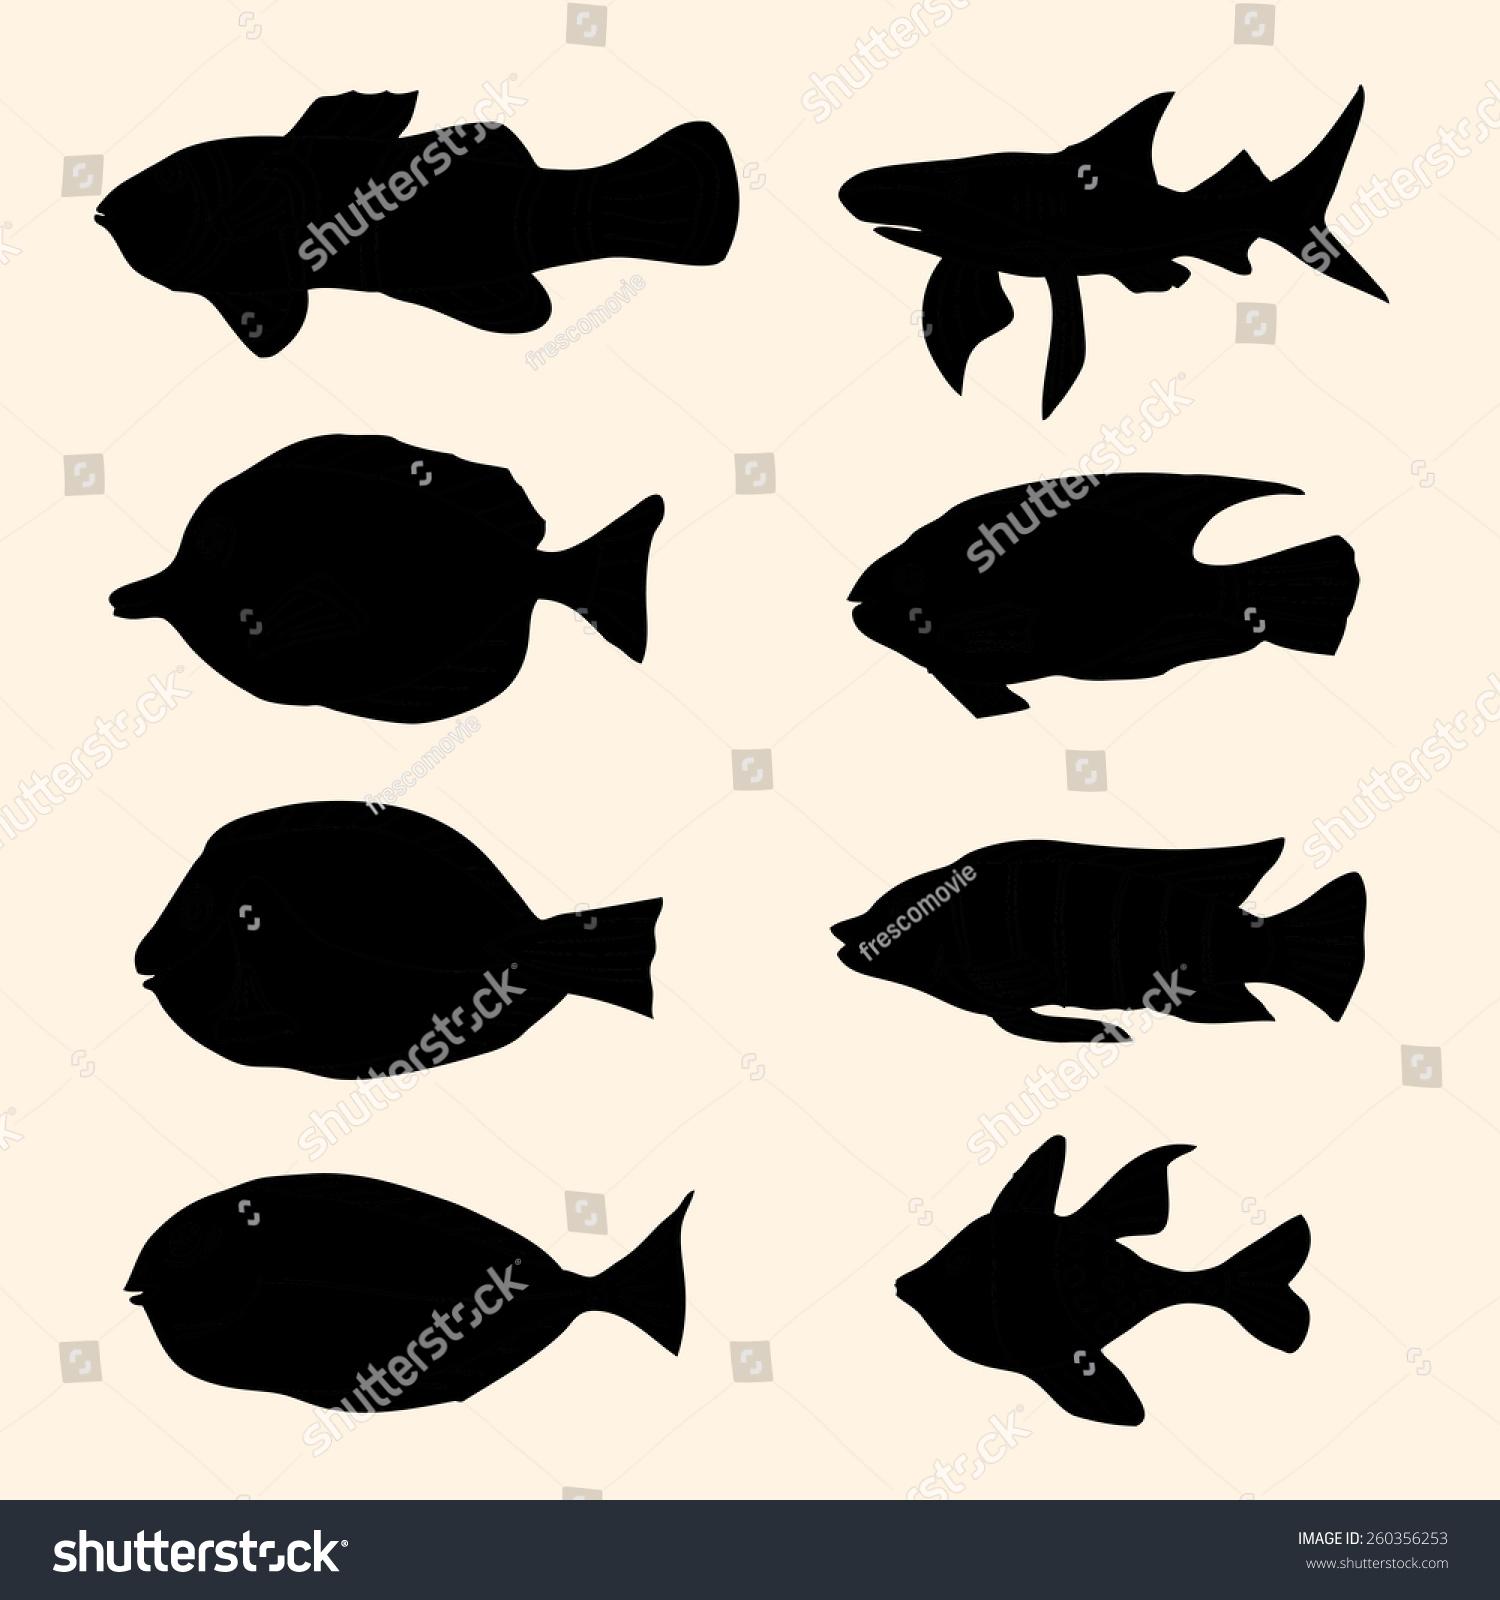 湖南特产酱板鱼可爱微信图标